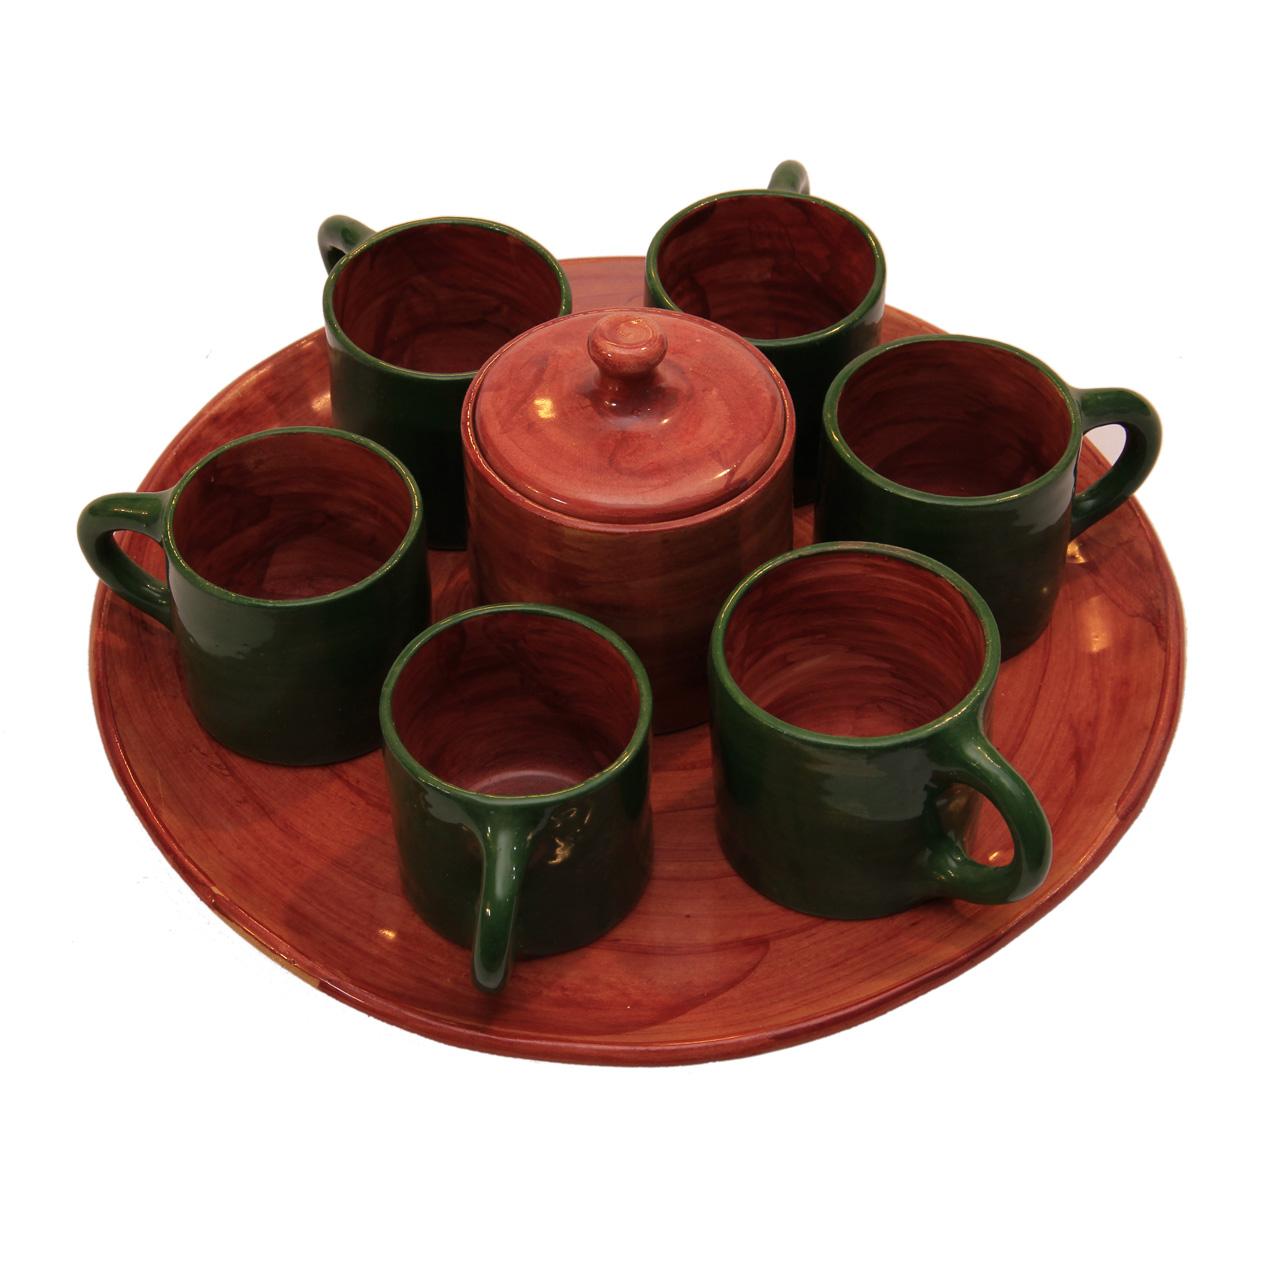 ست چای خوری سفالی کد 20284 6 نفره